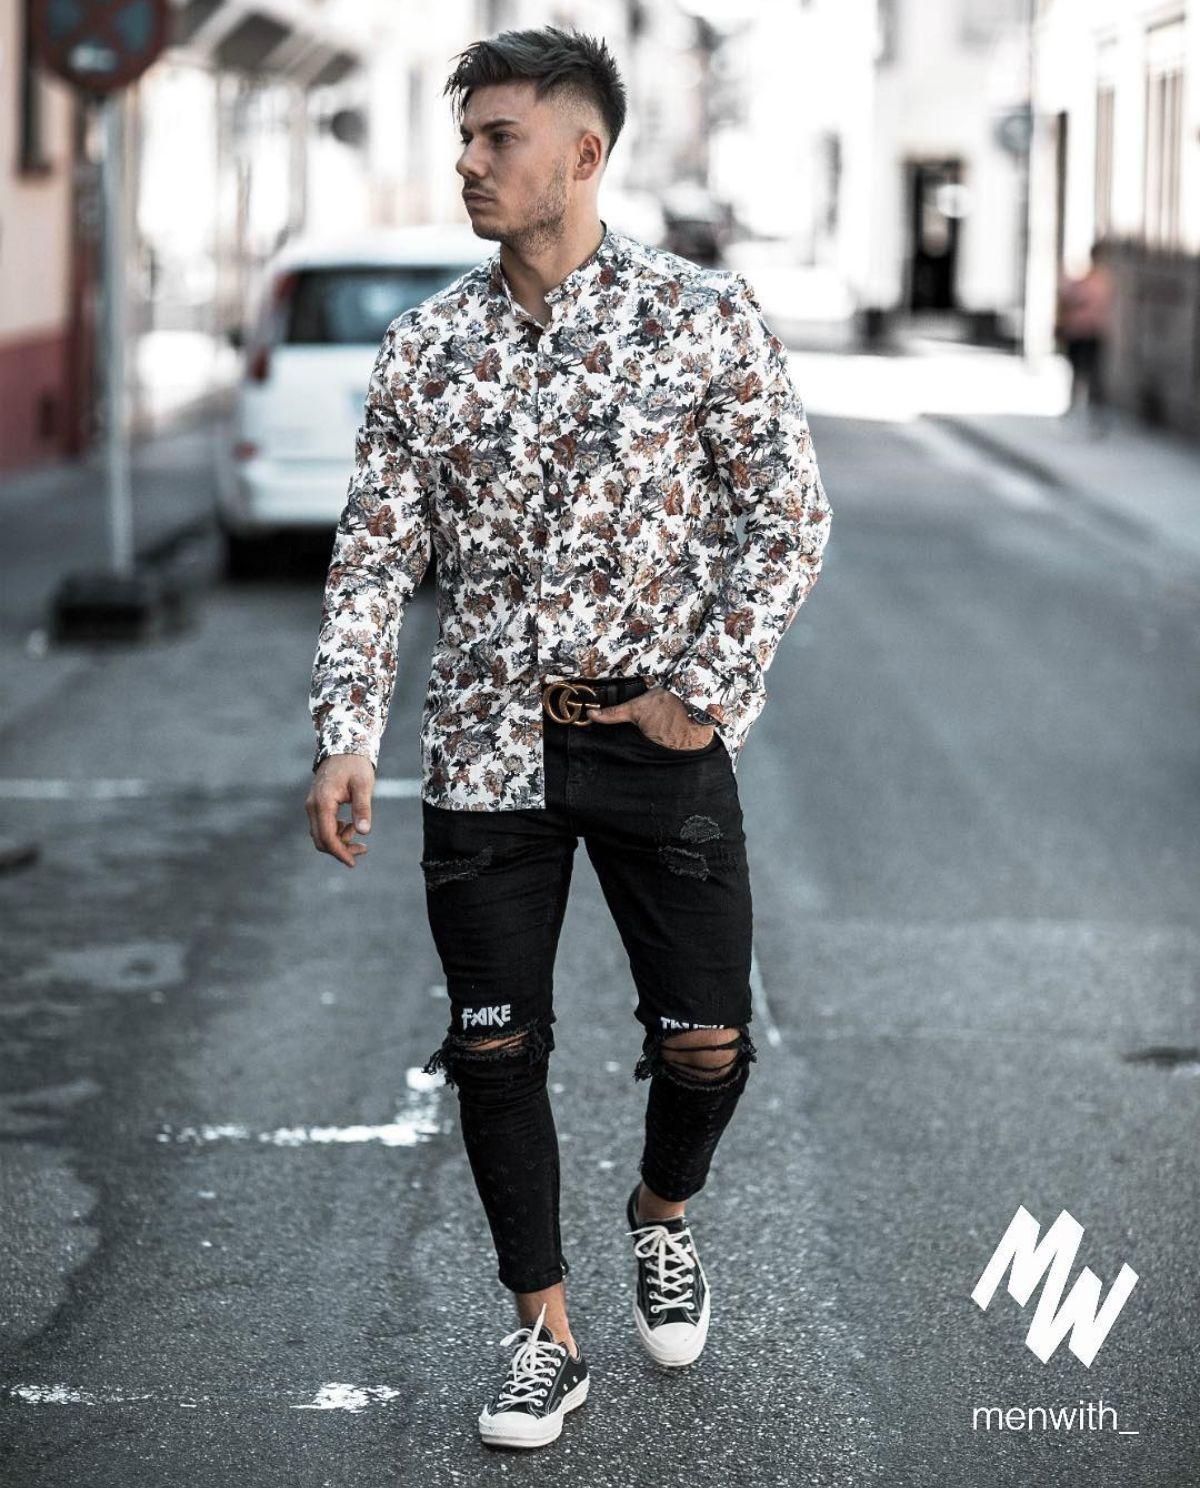 ba11bac894 Look masculino com camisa florida e calça destroyed preta. Veja mais  estampas que prometem bombar